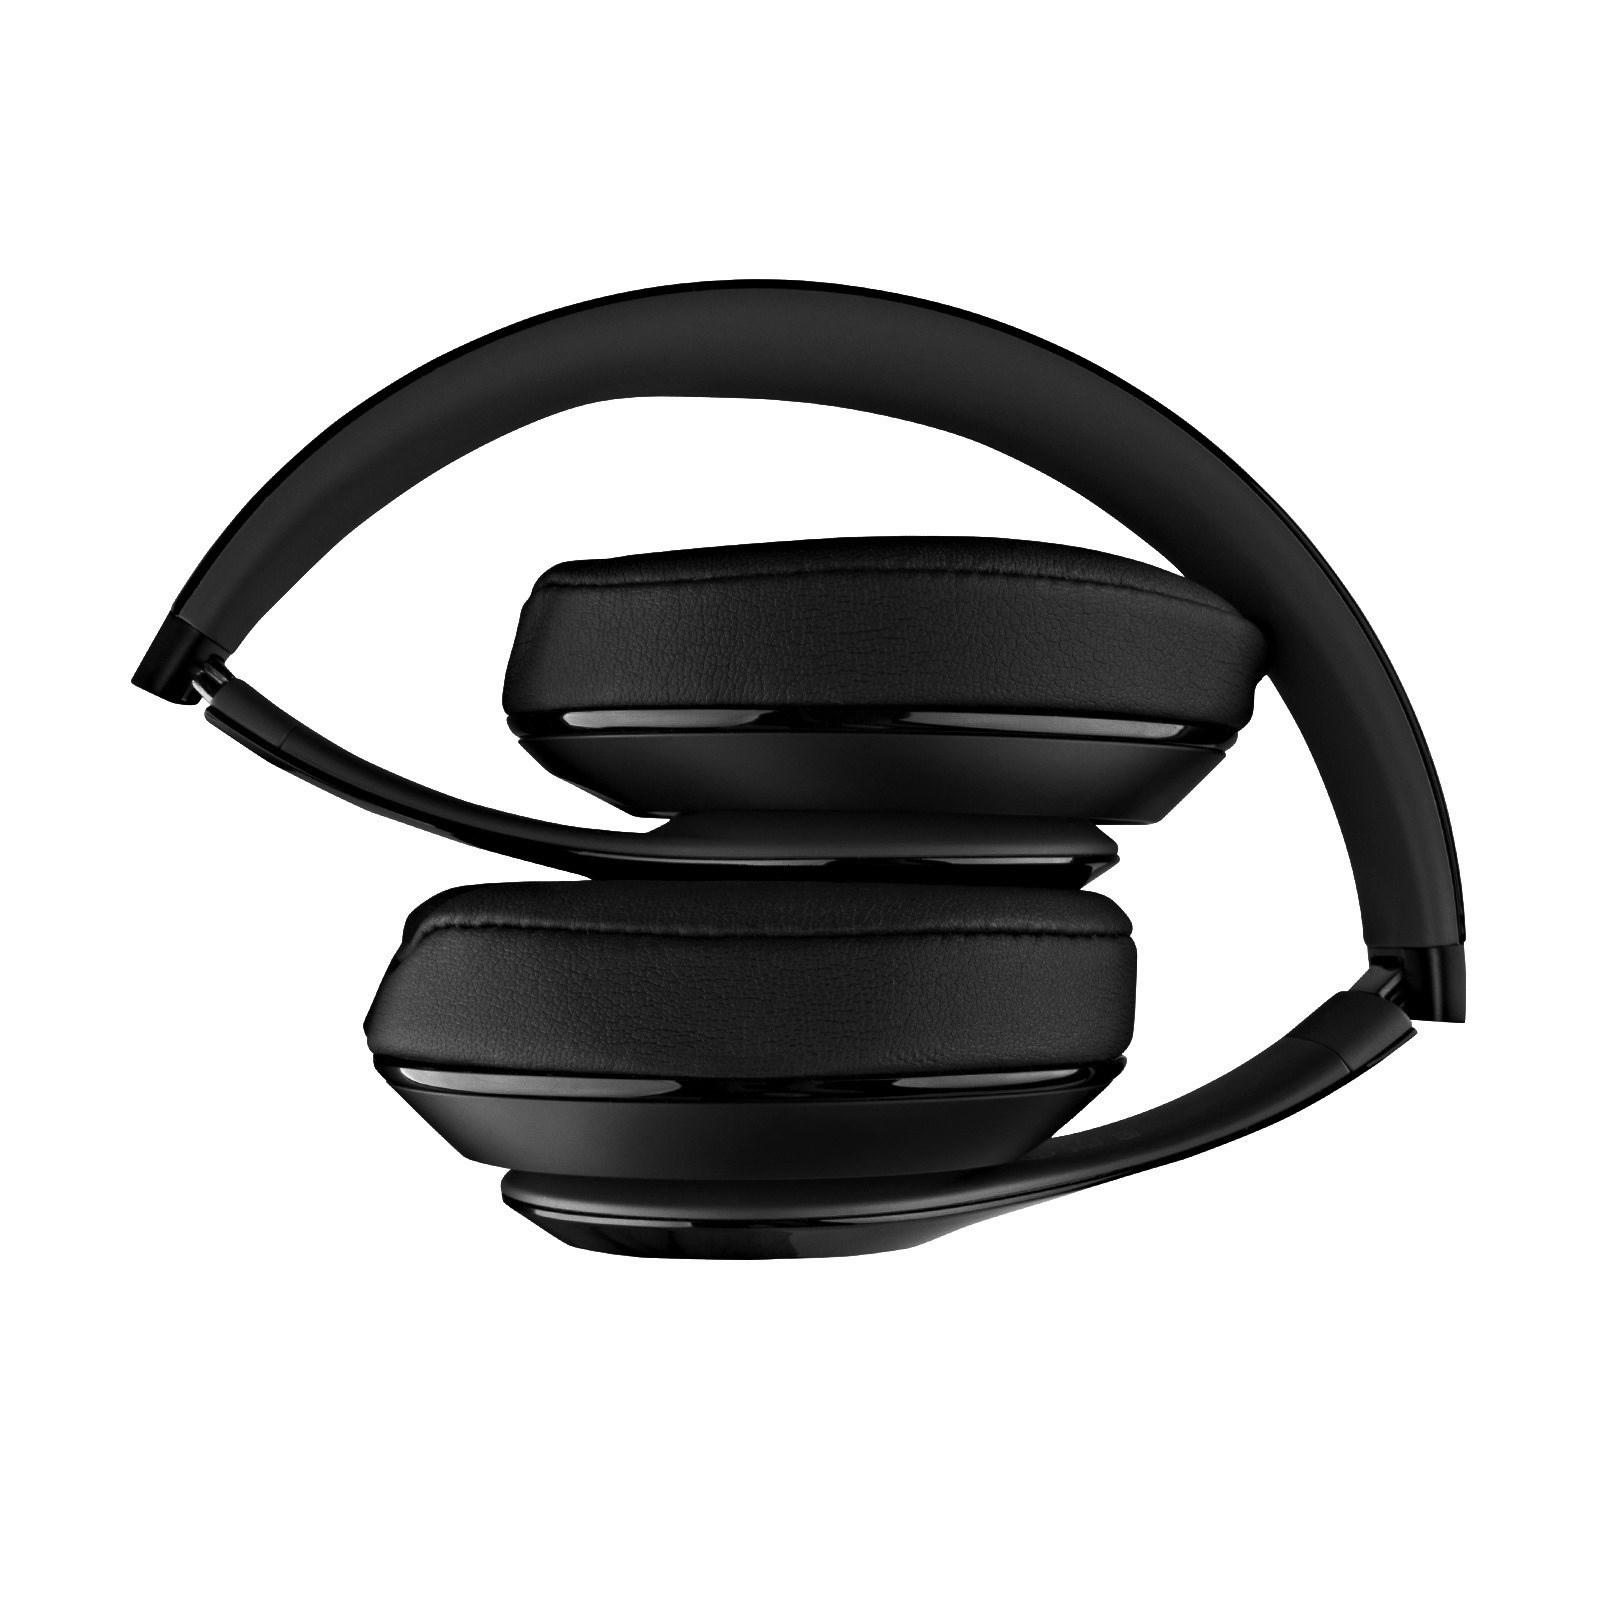 Wireless headphones kindle fire - headphones studio wireless